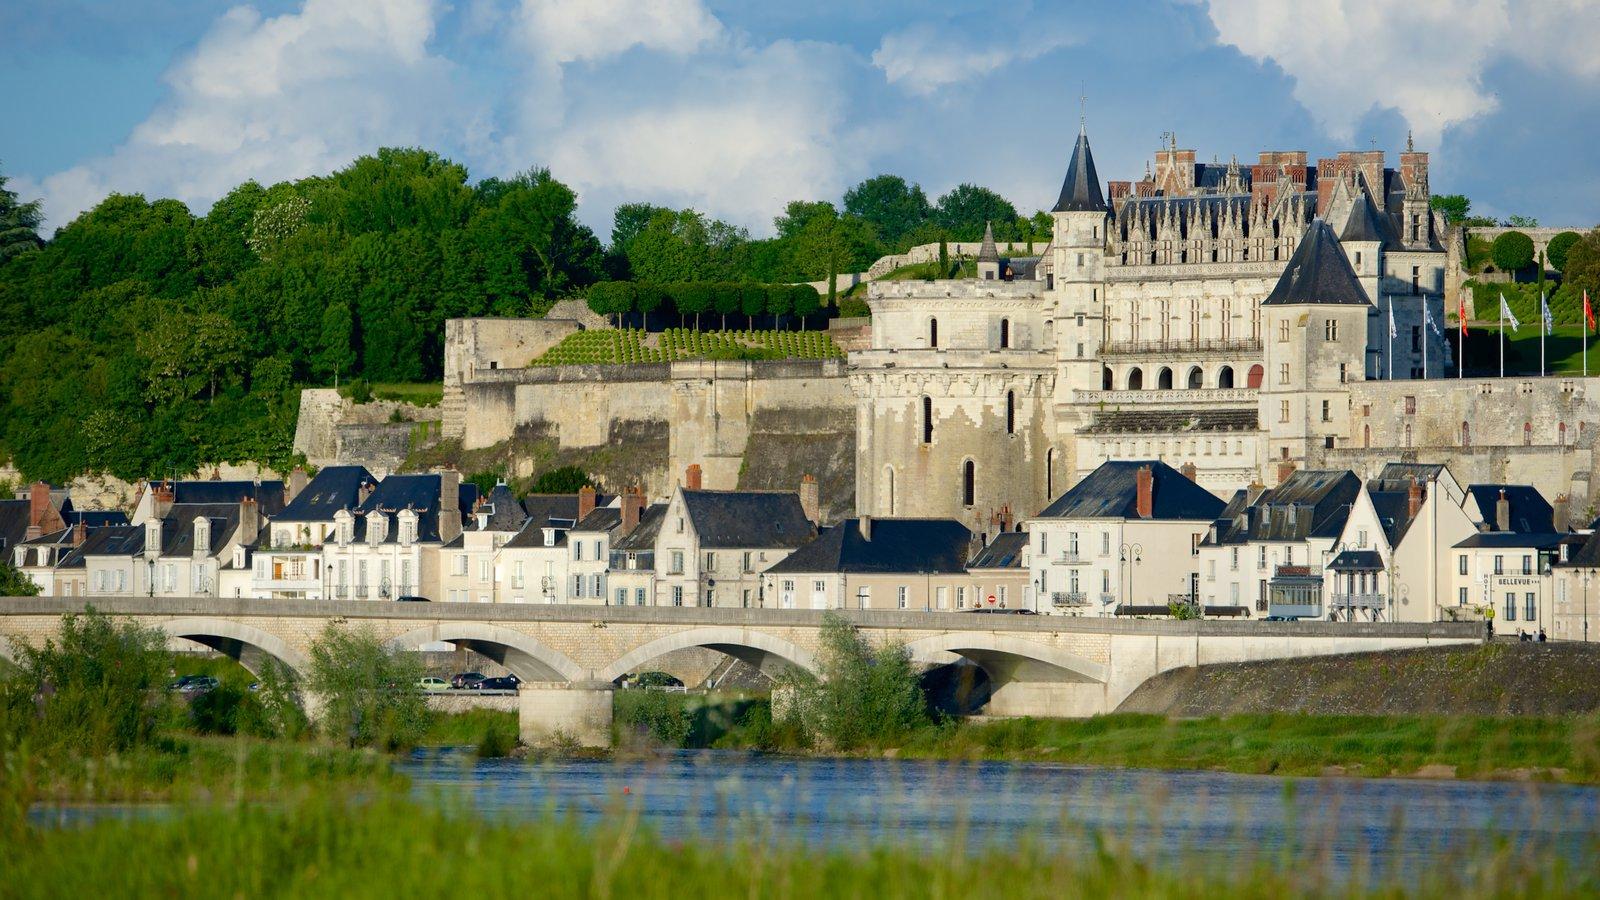 Amboise caracterizando arquitetura de patrimônio e uma cidade